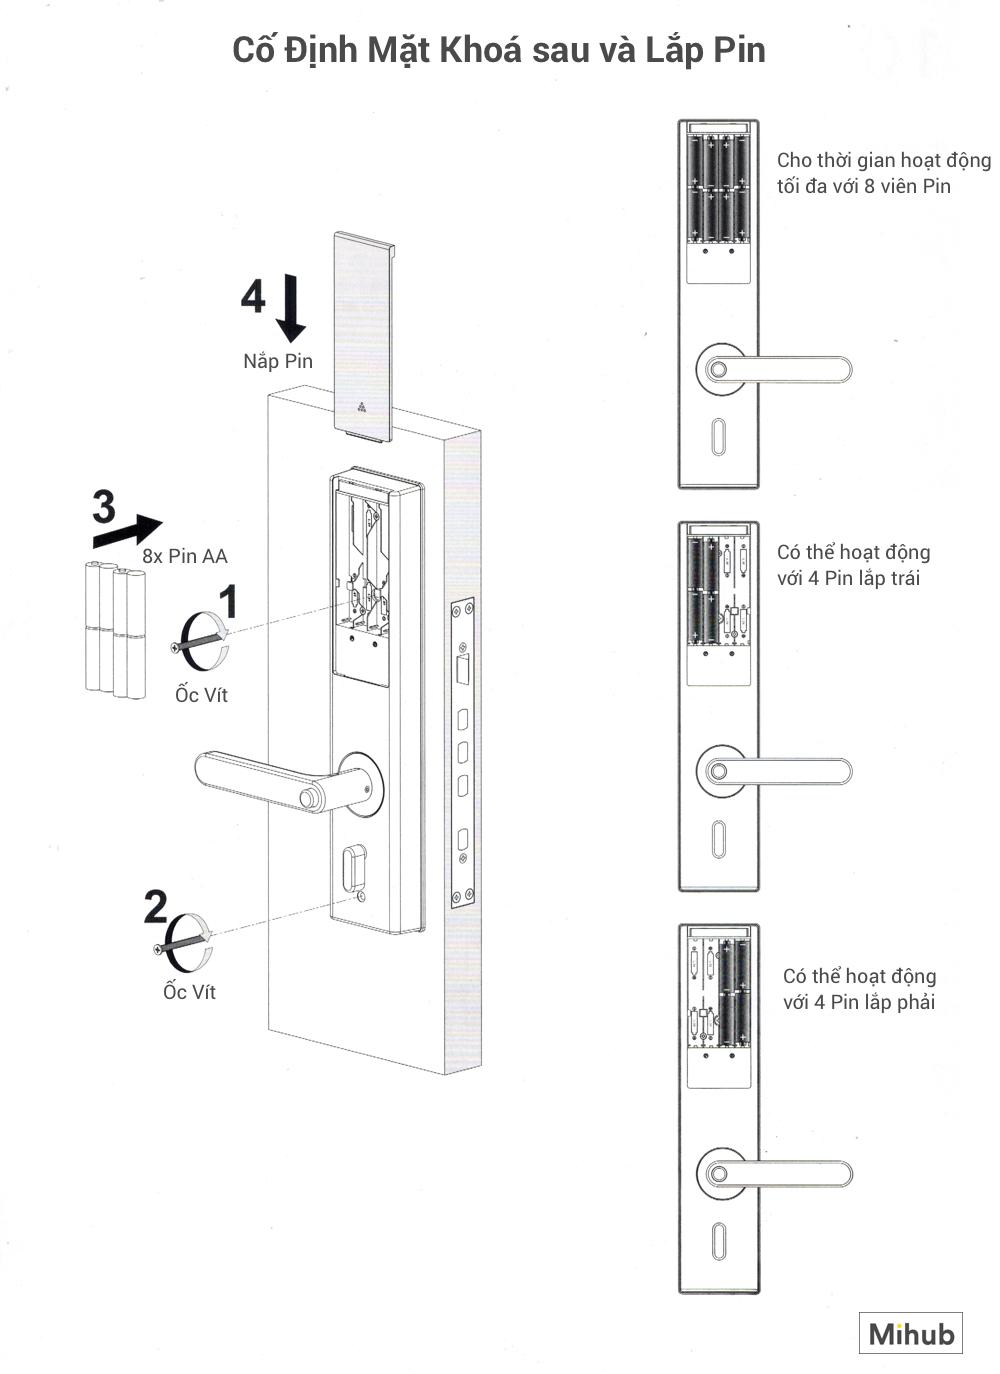 Hướng Dẫn Lắp Đặt Khoá Thông Minh Xiaomi Loock Classic 25